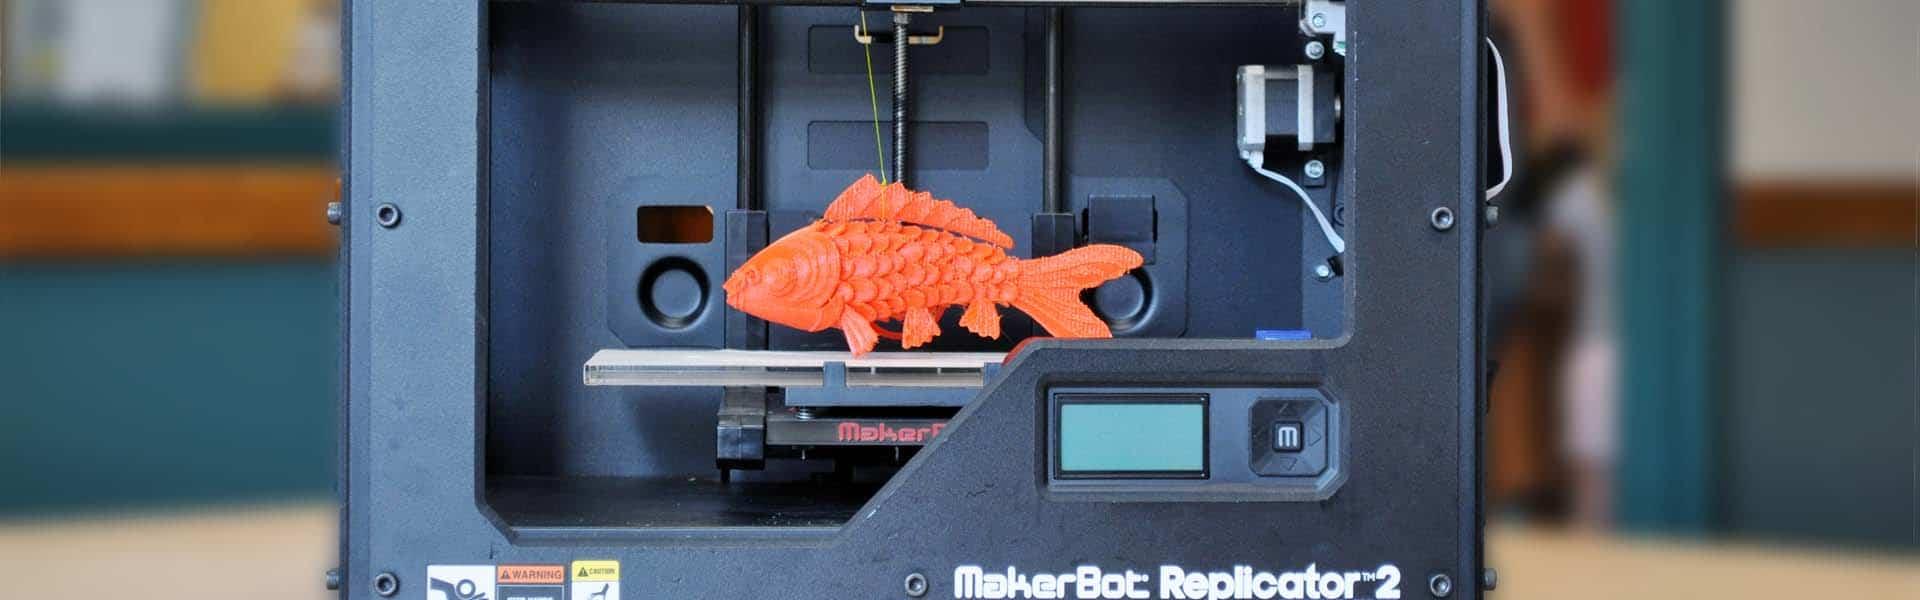 Makerbot Replicator 2 Review